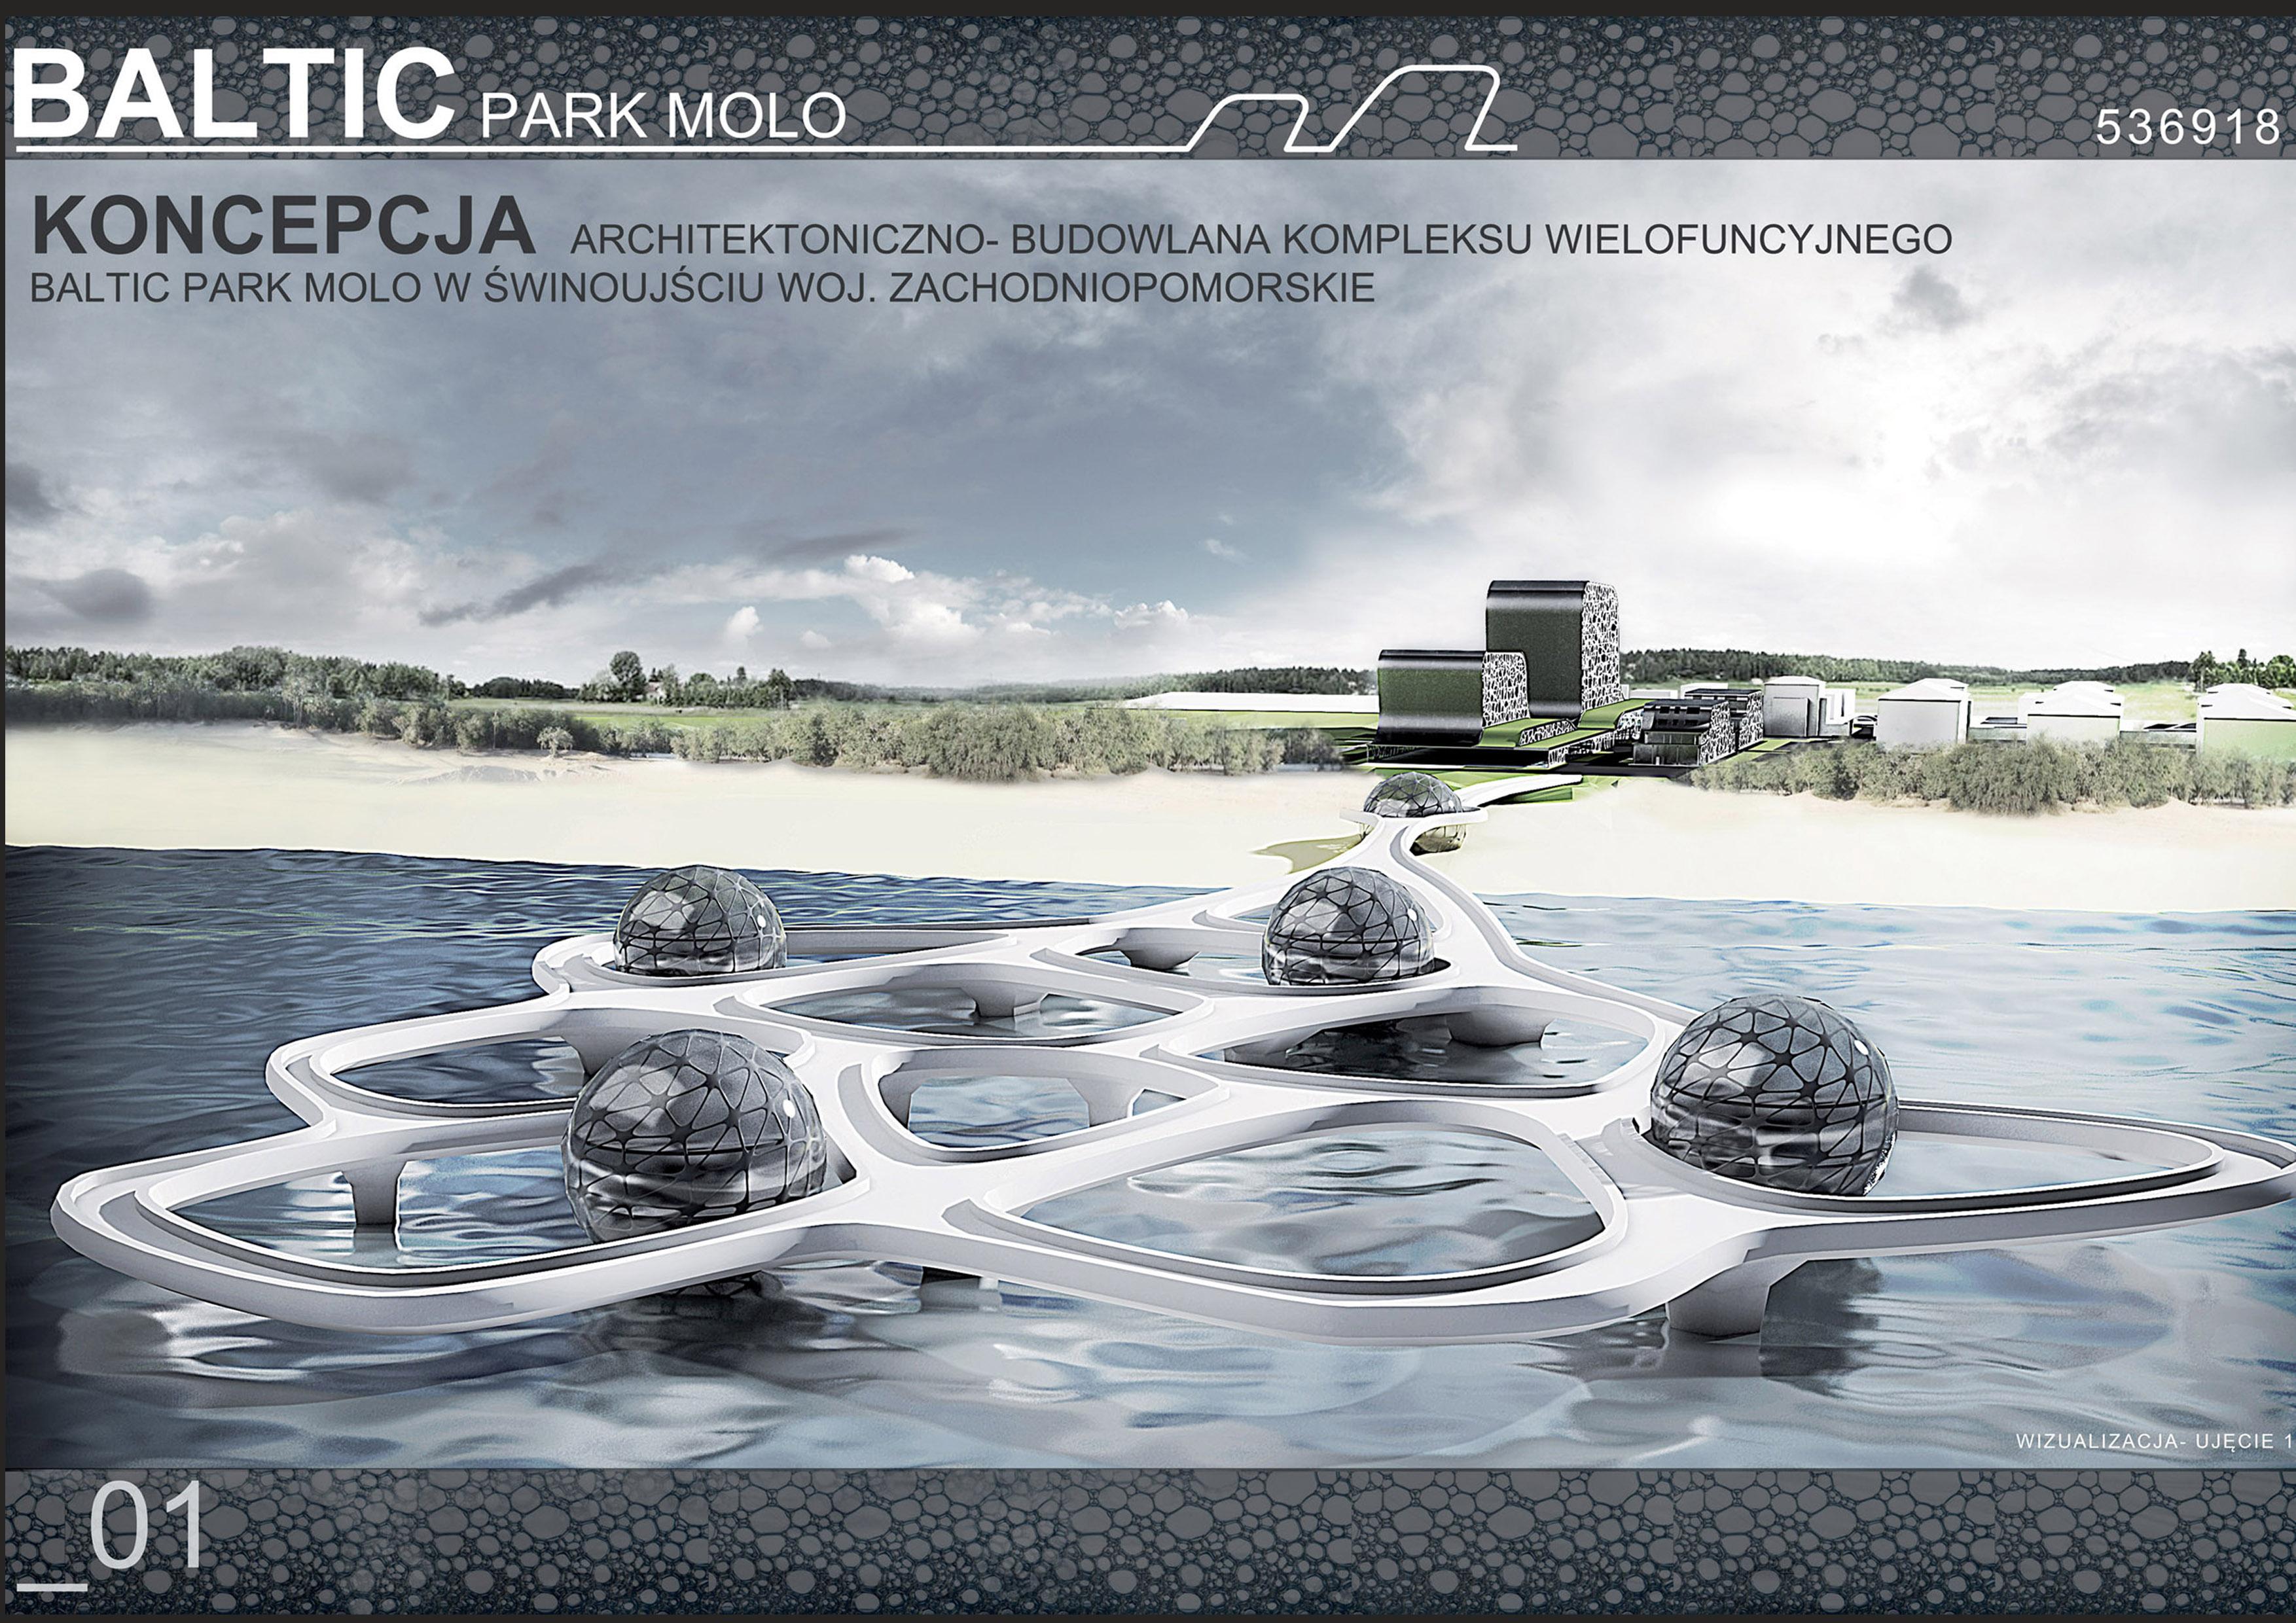 Kompleks wielofunkcyjny Baltic Park Molo w Świnoujściu